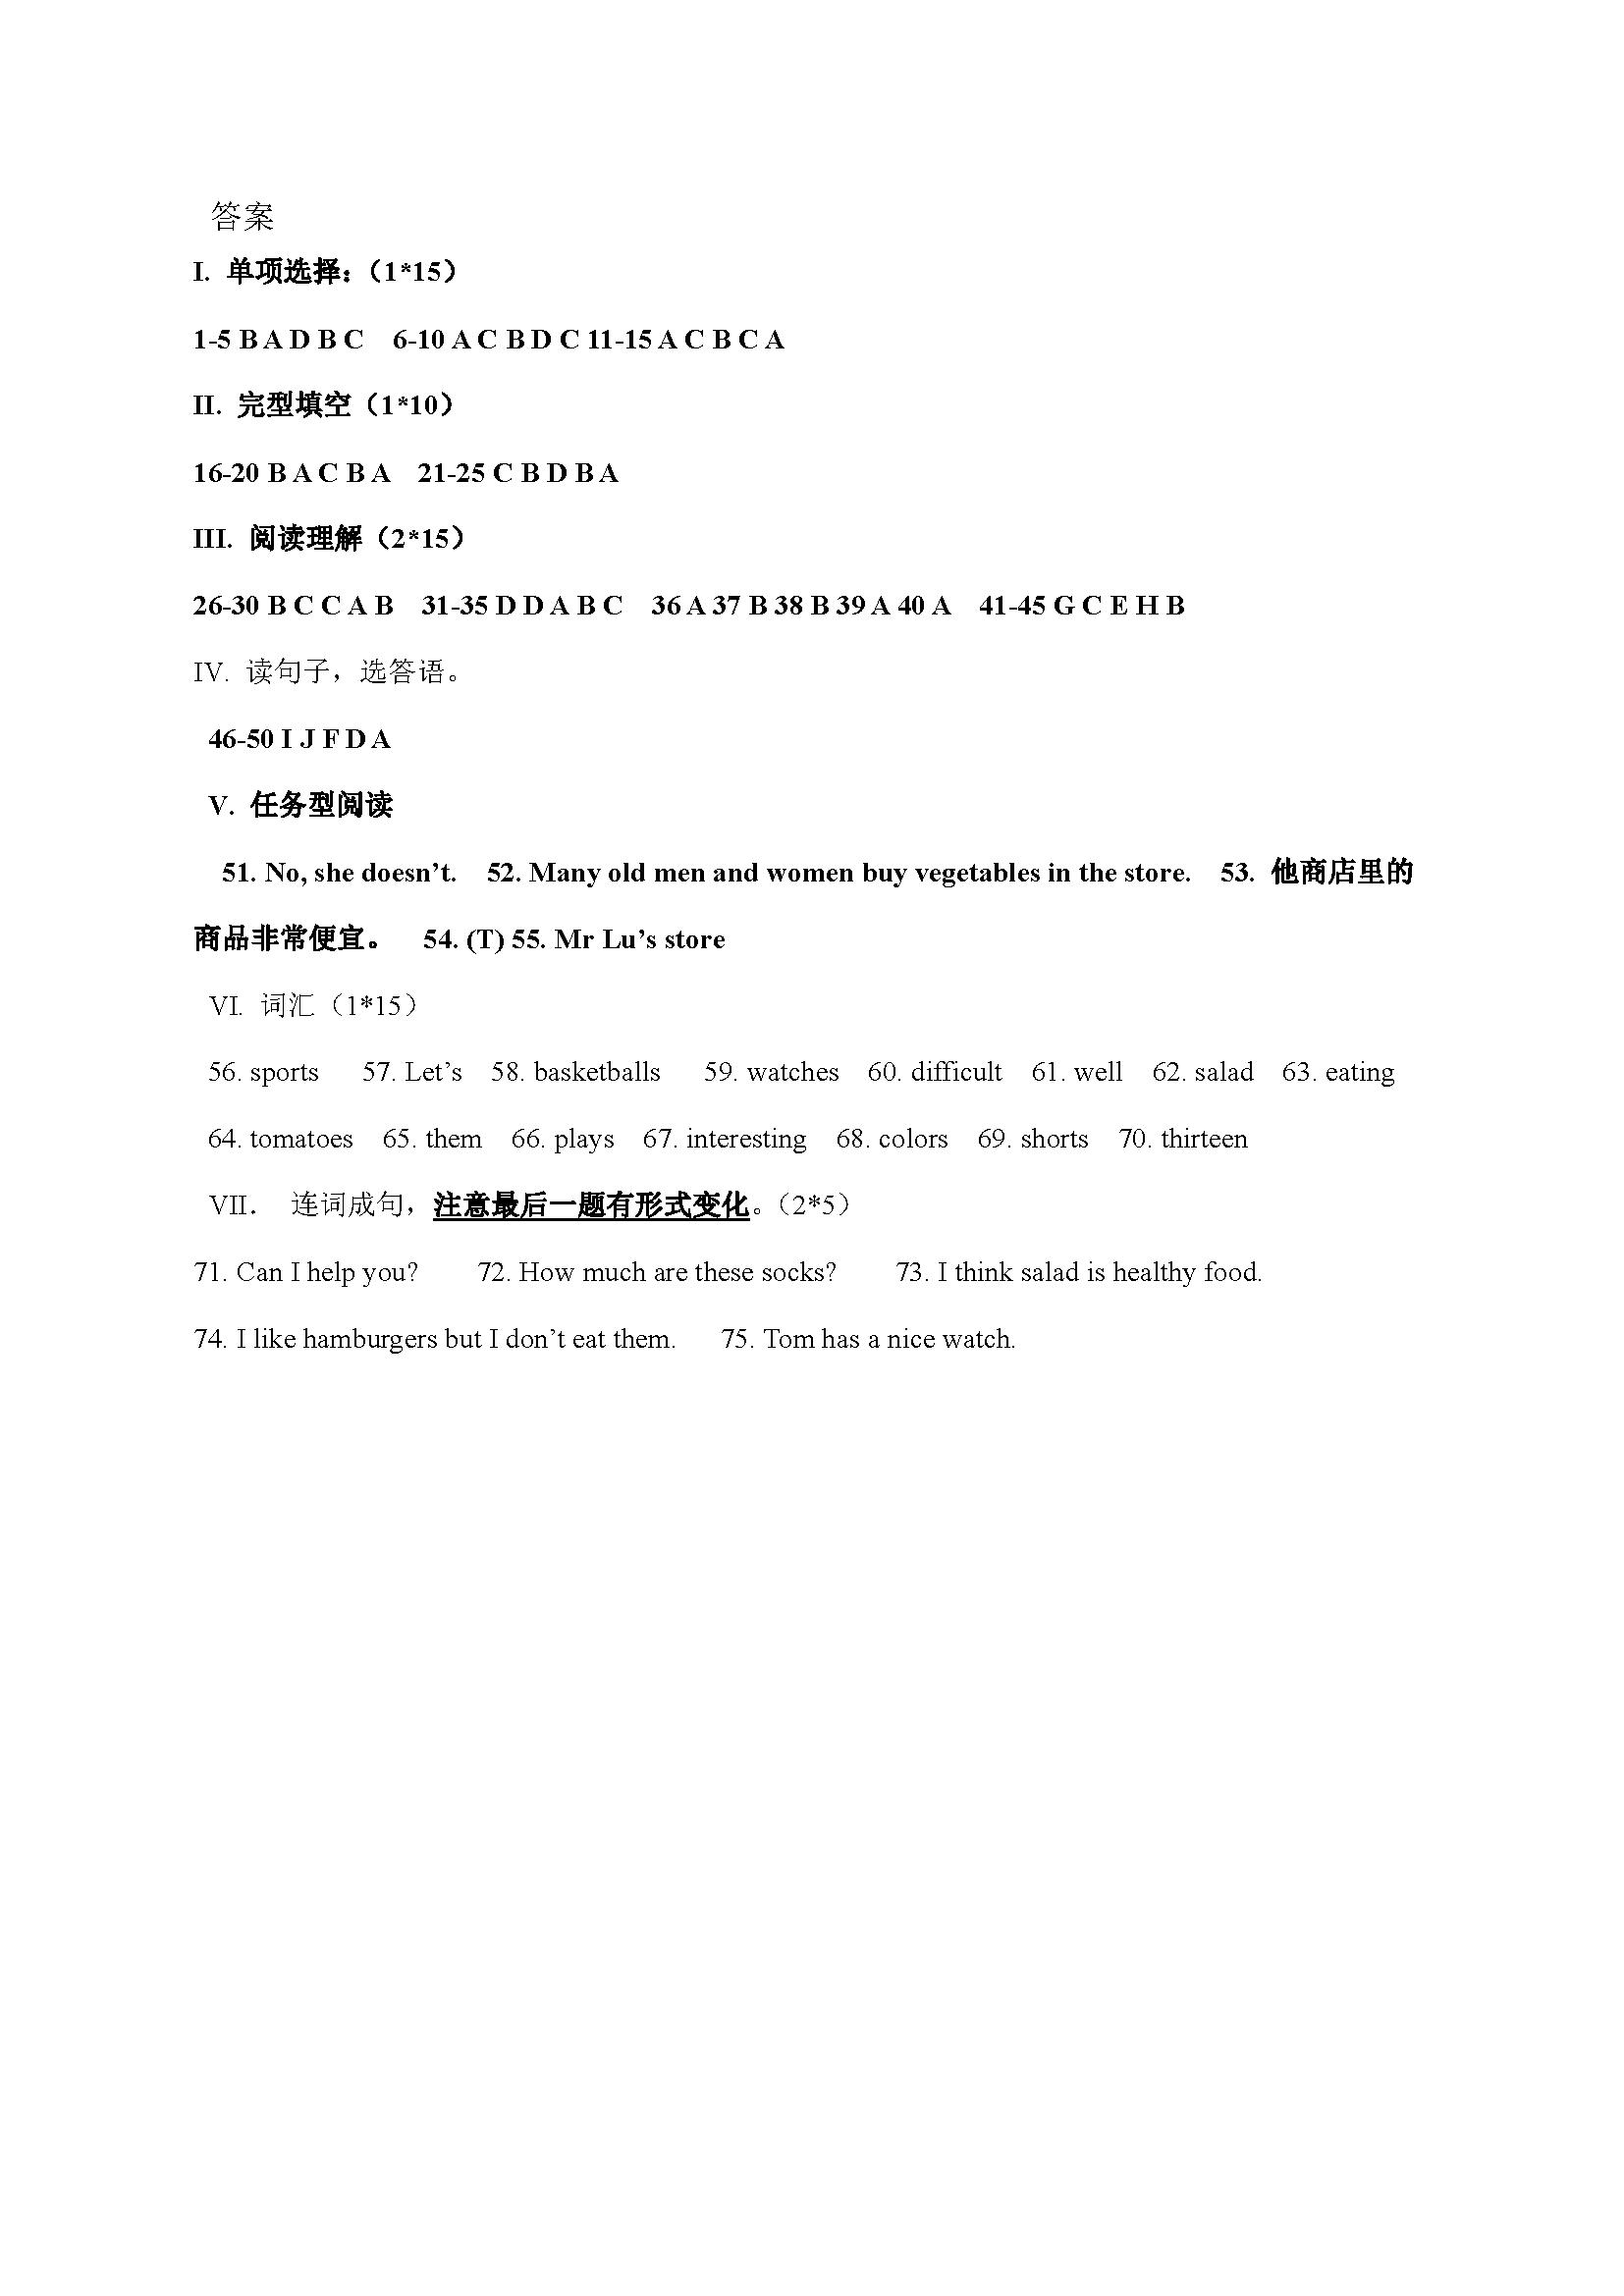 河北石家庄第二十二中学2016-2017七年级12月月考英语试题答案(图片版)